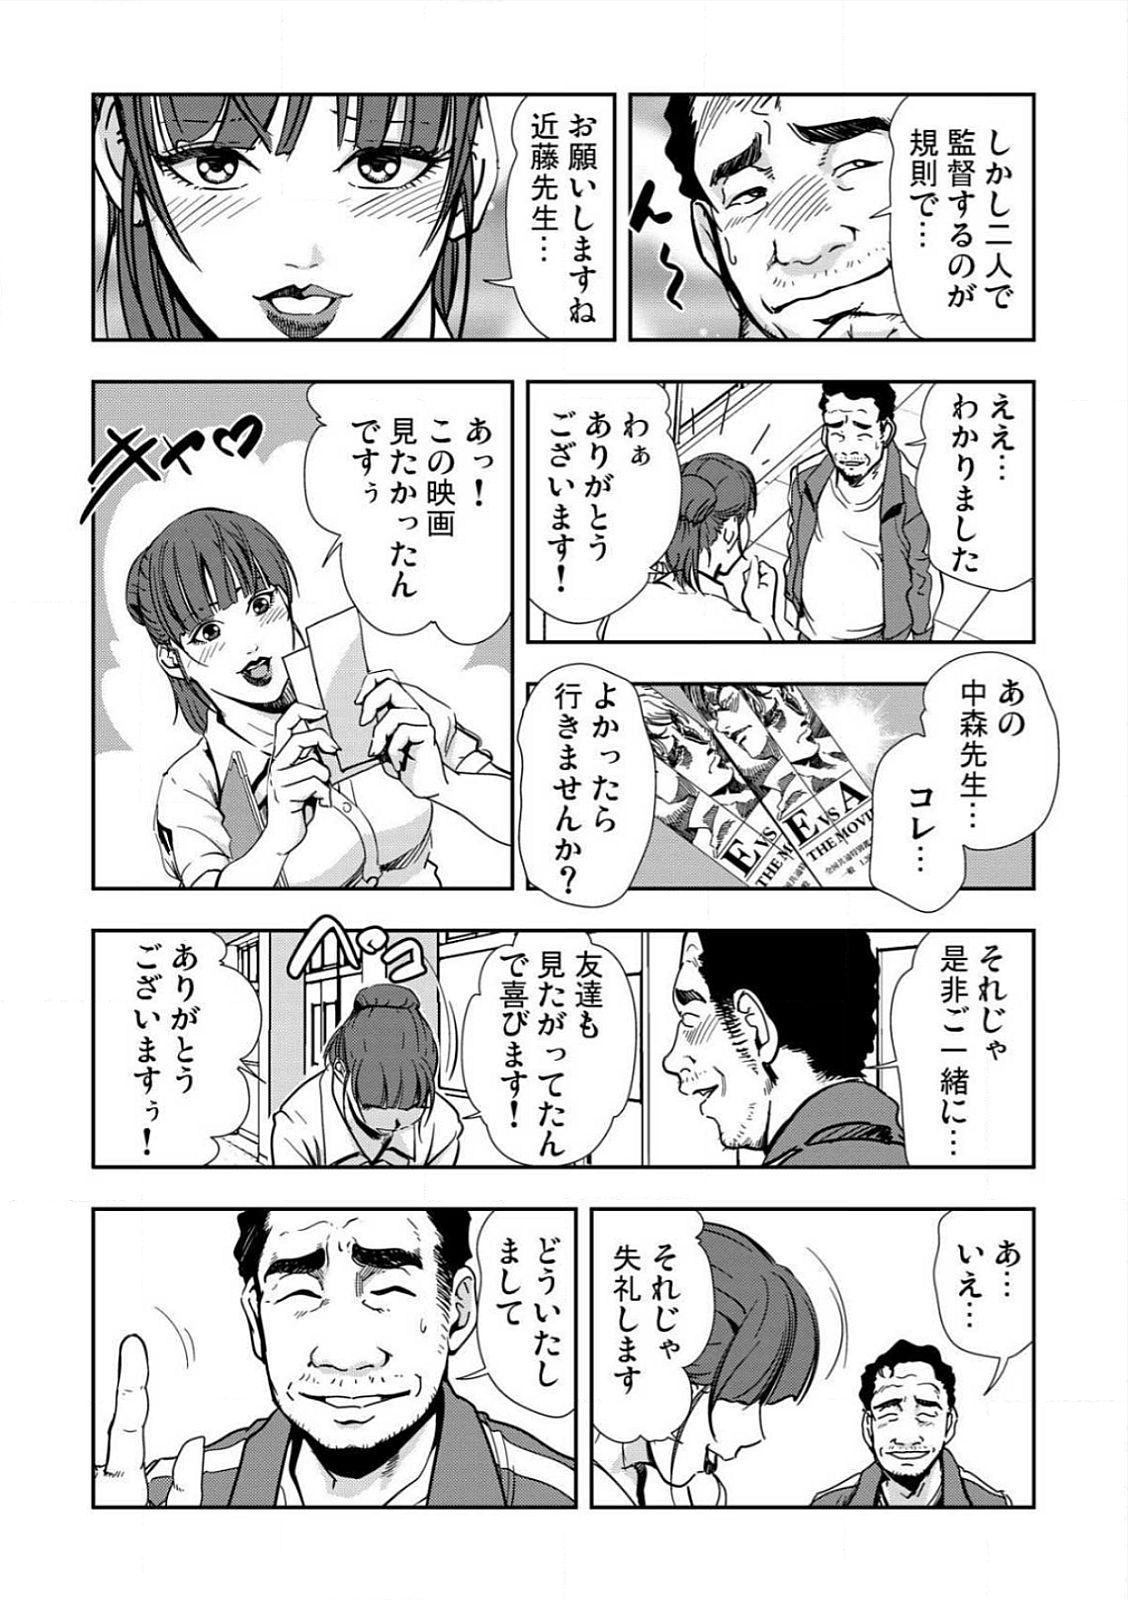 [Misaki Yukihiro] Kyousei Shidou ~Mechakucha ni Kegasarete~ (1)~(6) [Digital] 36